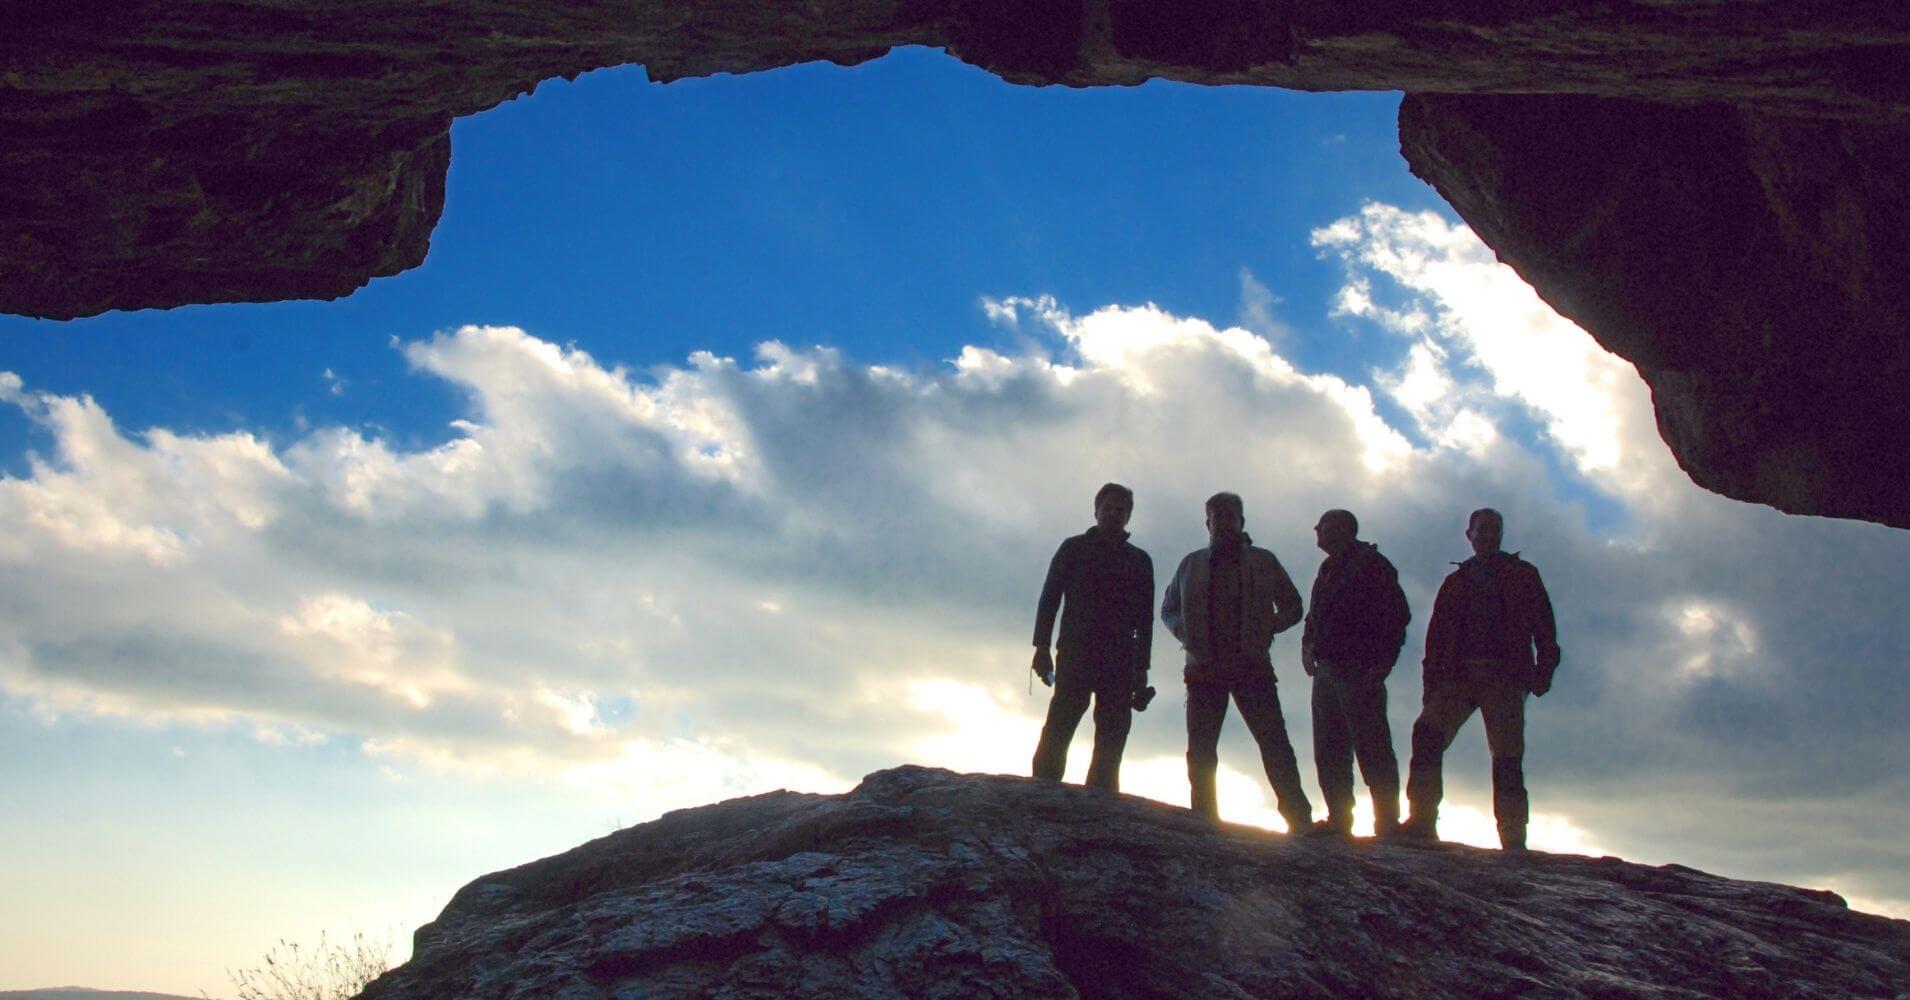 Guía Senderismo y Montañismo de Andalucía. Cueva de los Muñecos. Parque Natural de Despeñaperros. Jaén, Andalucía.